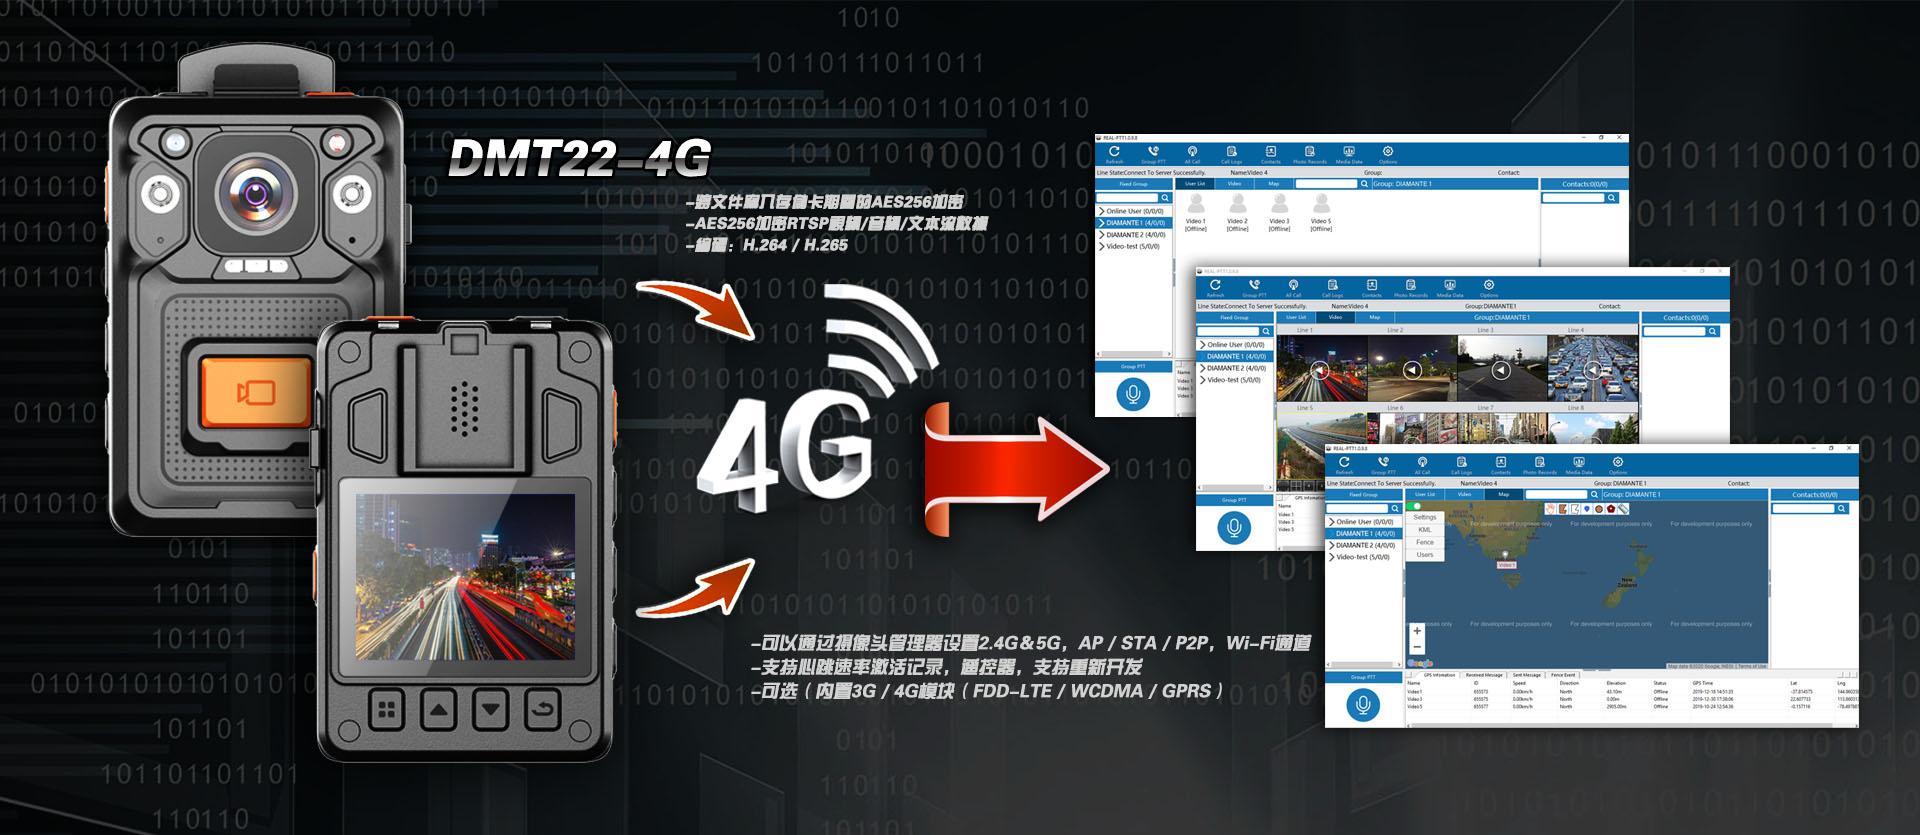 DMT22-4G-34